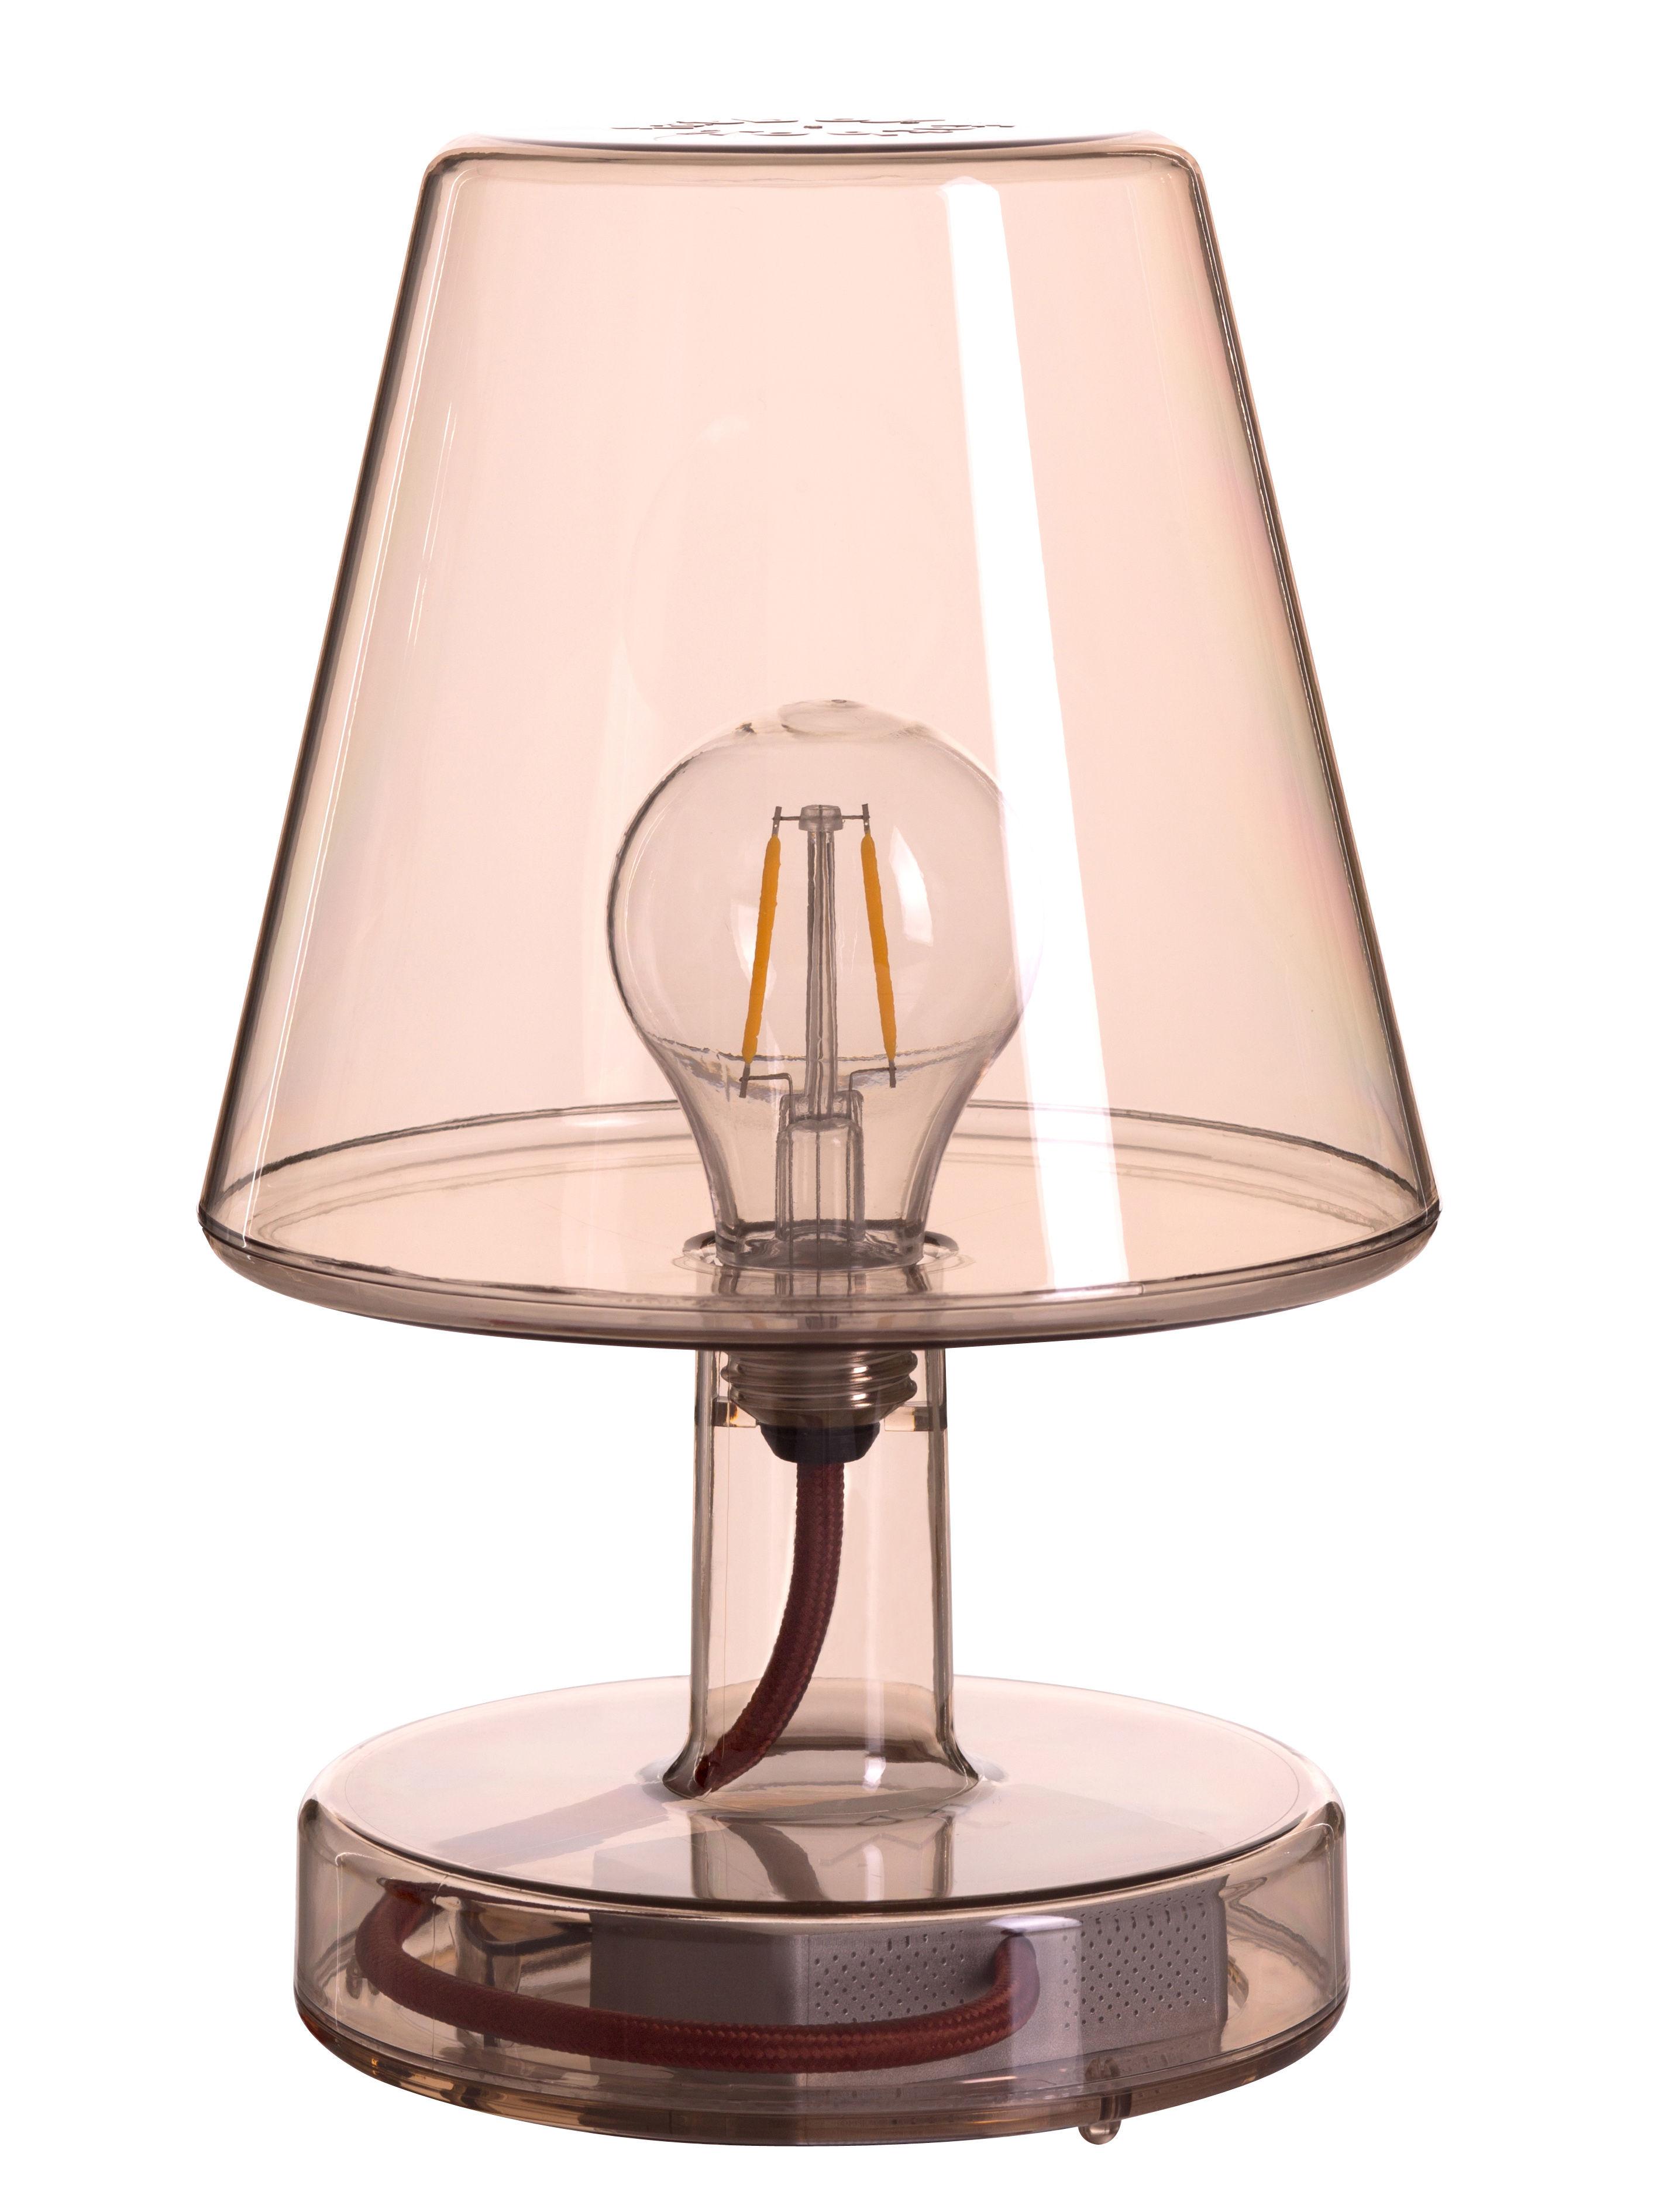 lampe sans fil transloetje led 16 x h 25 cm marron fatboy. Black Bedroom Furniture Sets. Home Design Ideas